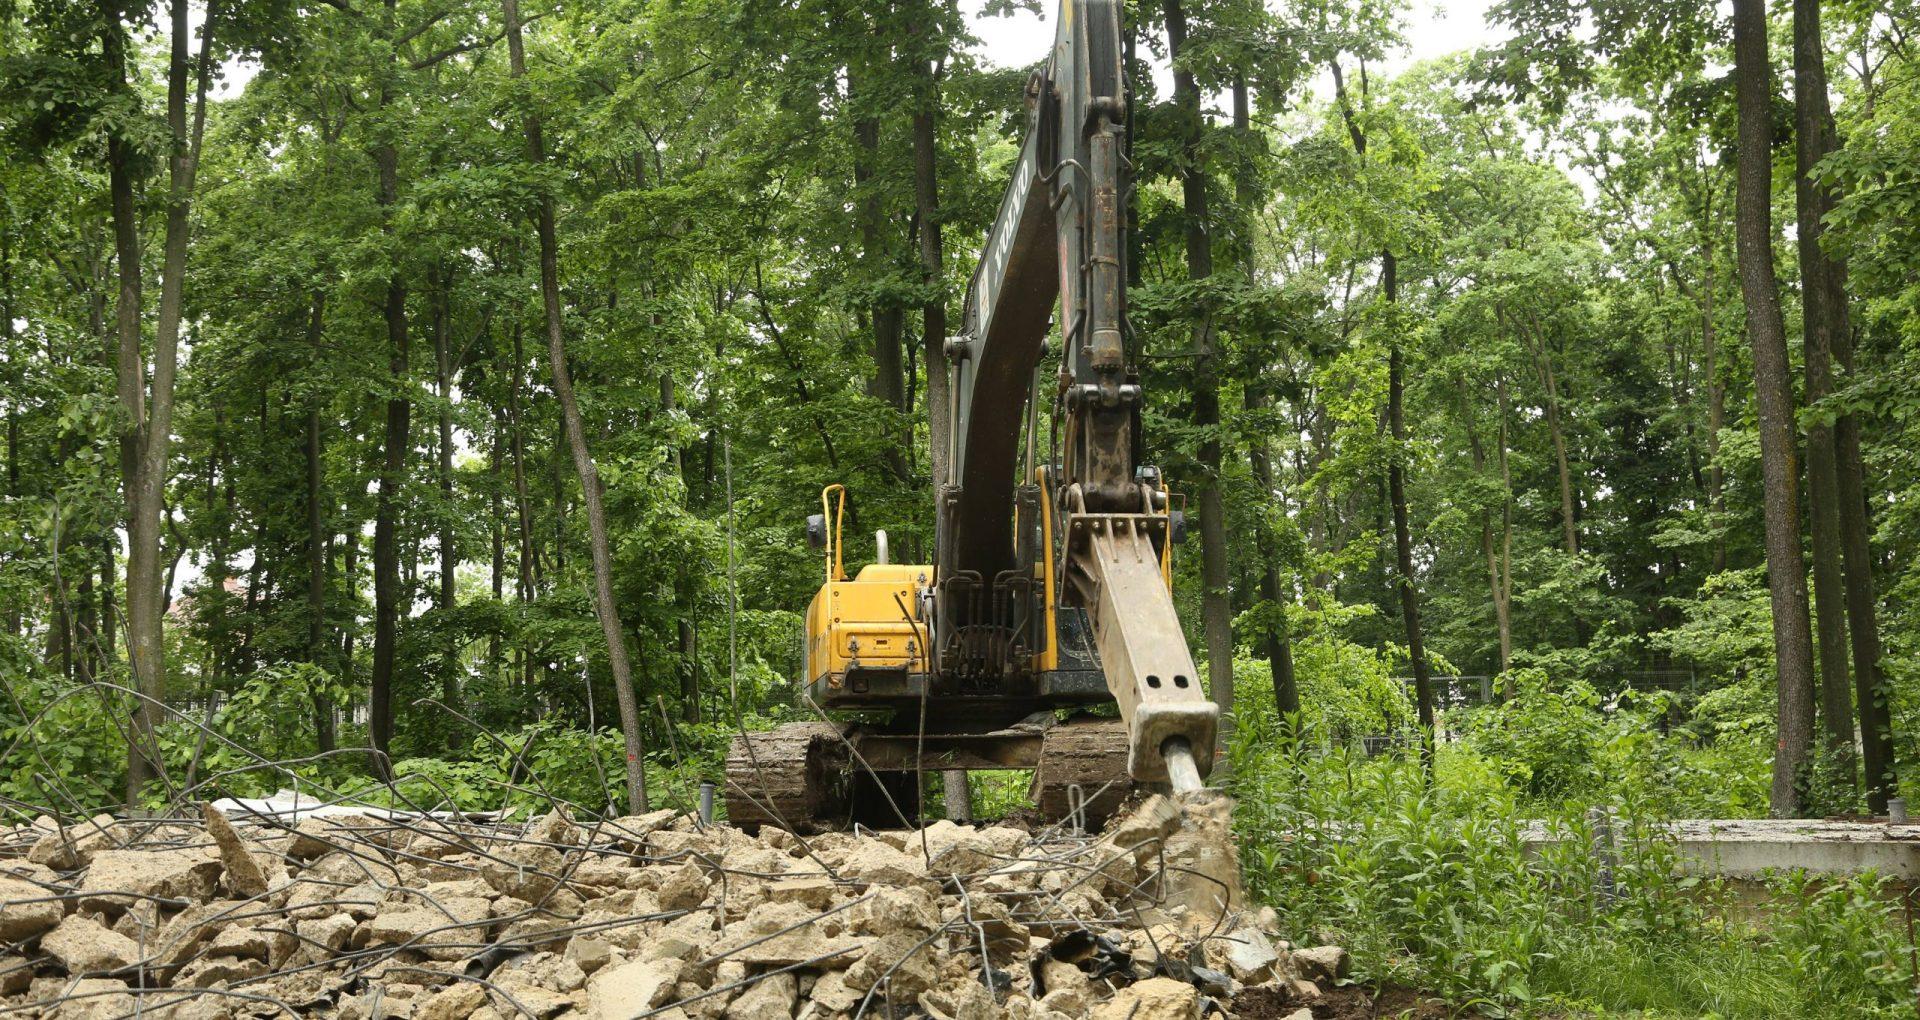 FOTO, VIDEO/ Construcțiile din beton, ridicate în Pădurea Durlești sunt demolate, după cinci luni de la investigația ZdG, în urma căreia au fost pornite și mai multe procese penale